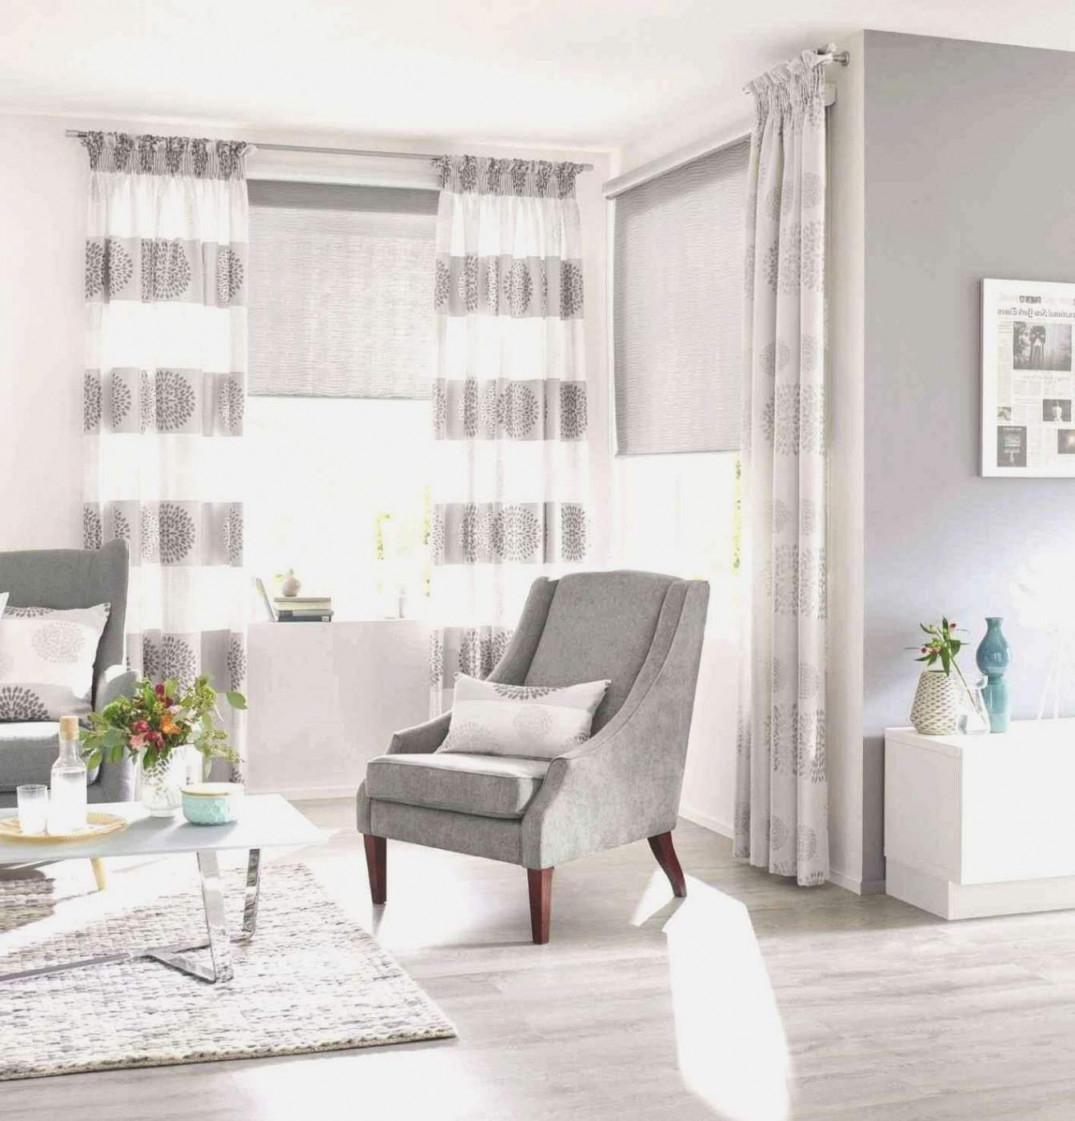 36 Elegant Wohnzimmer Vorhang Einzigartig  Wohnzimmer Frisch von Gardinen Wohnzimmer Ideen Bild